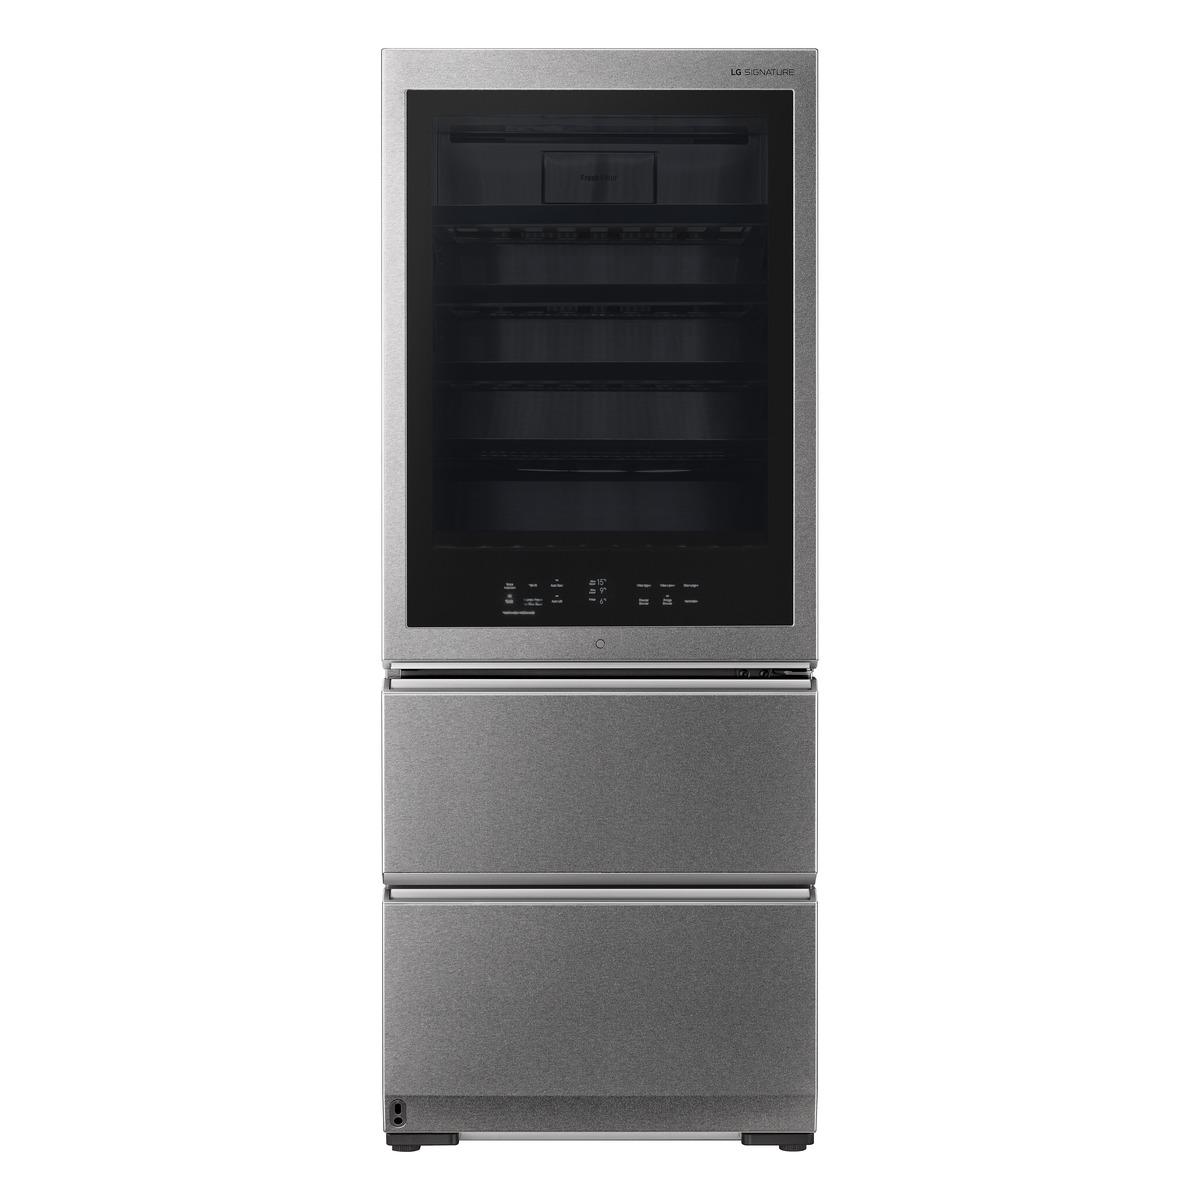 Bild 1 von LG SIGNATURE LSR200W Weinkühlschrank/Kühlgefrierkombination